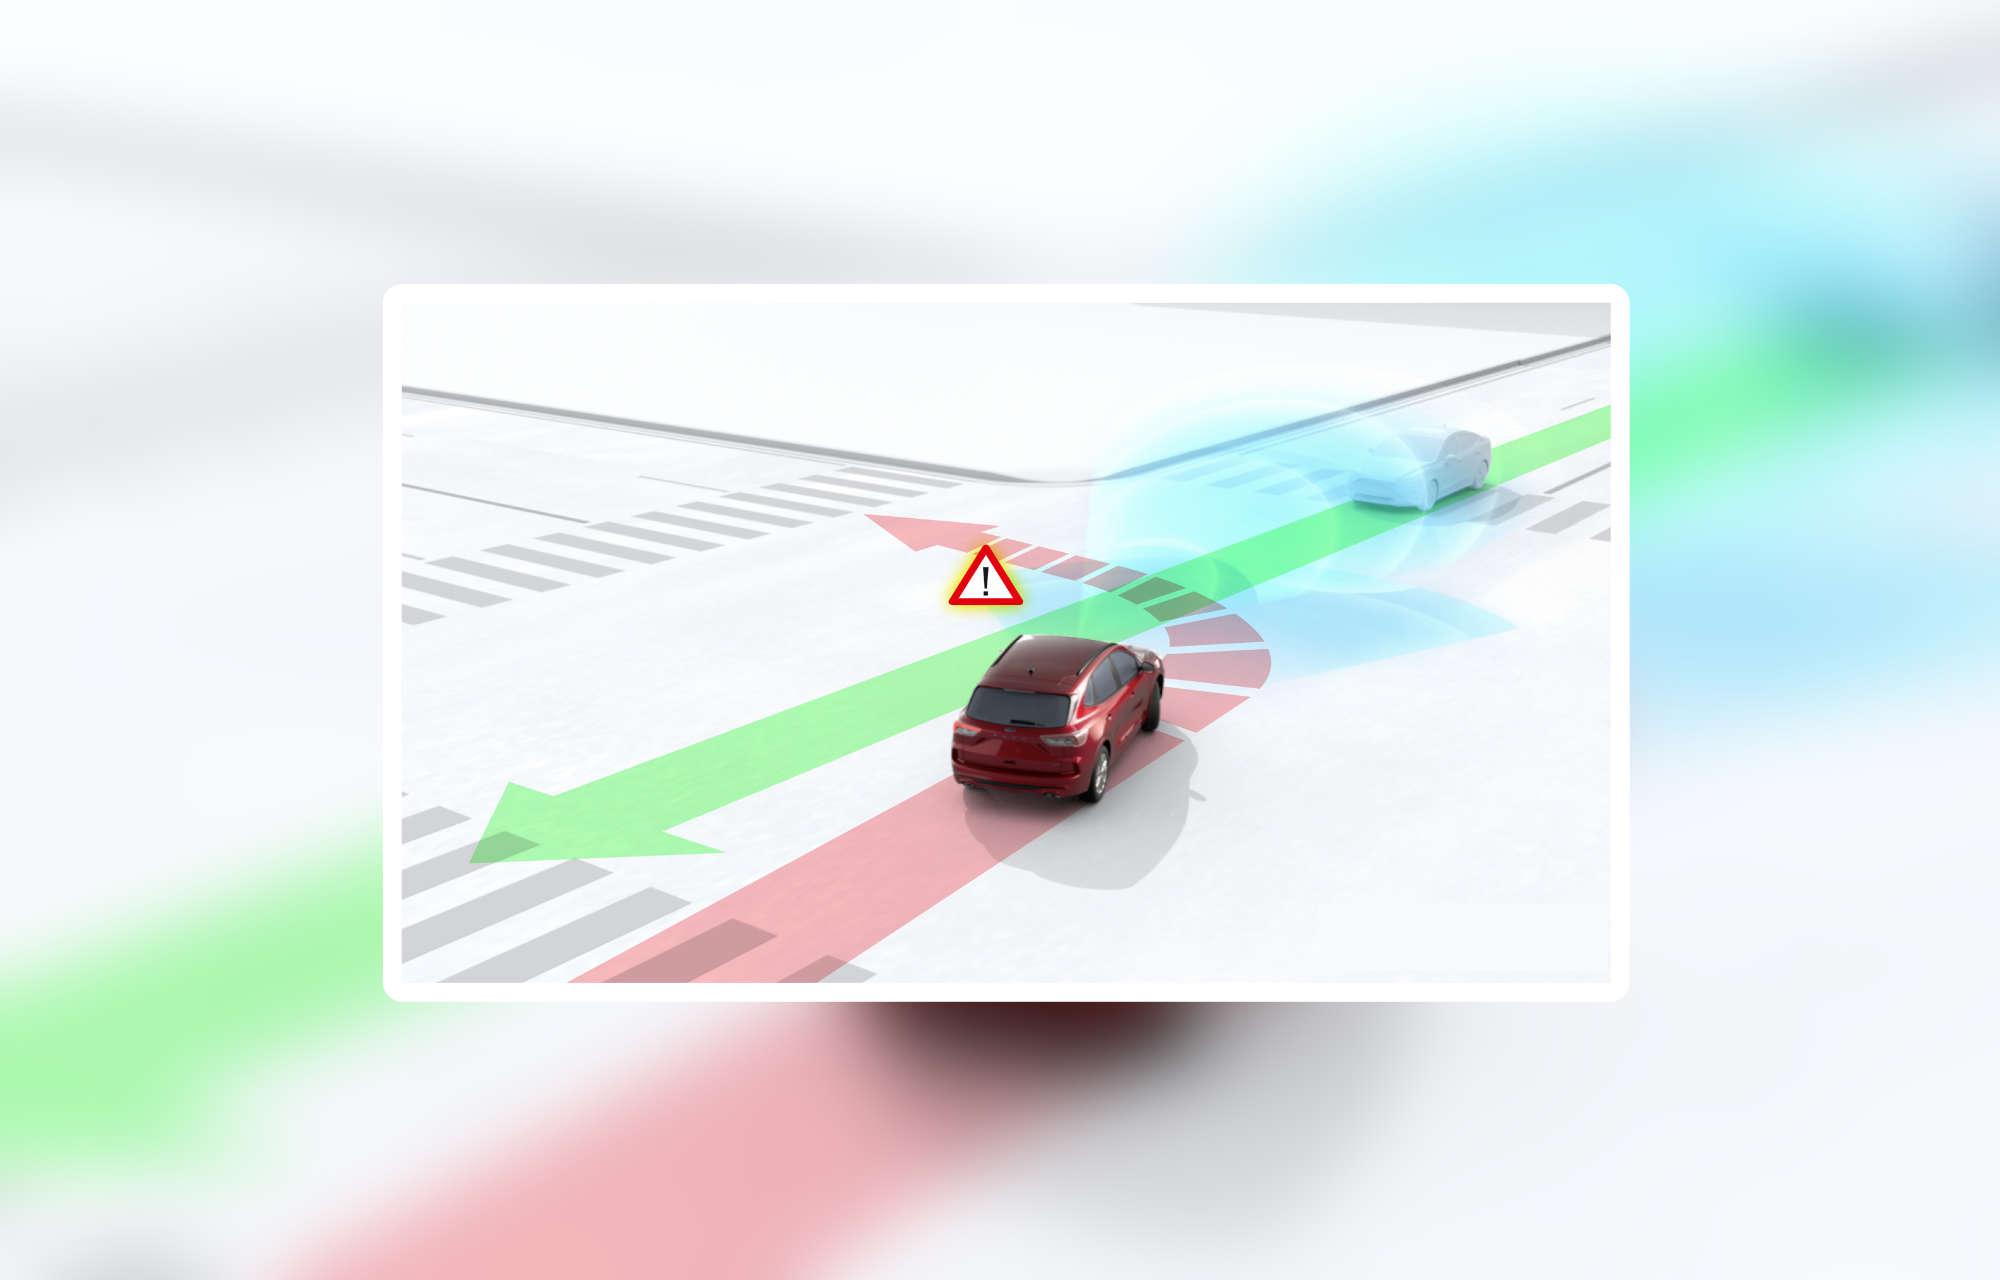 Cette nouvelle technologie permet au Ford Kuga d'éviter les accidents latéraux dus aux angles morts